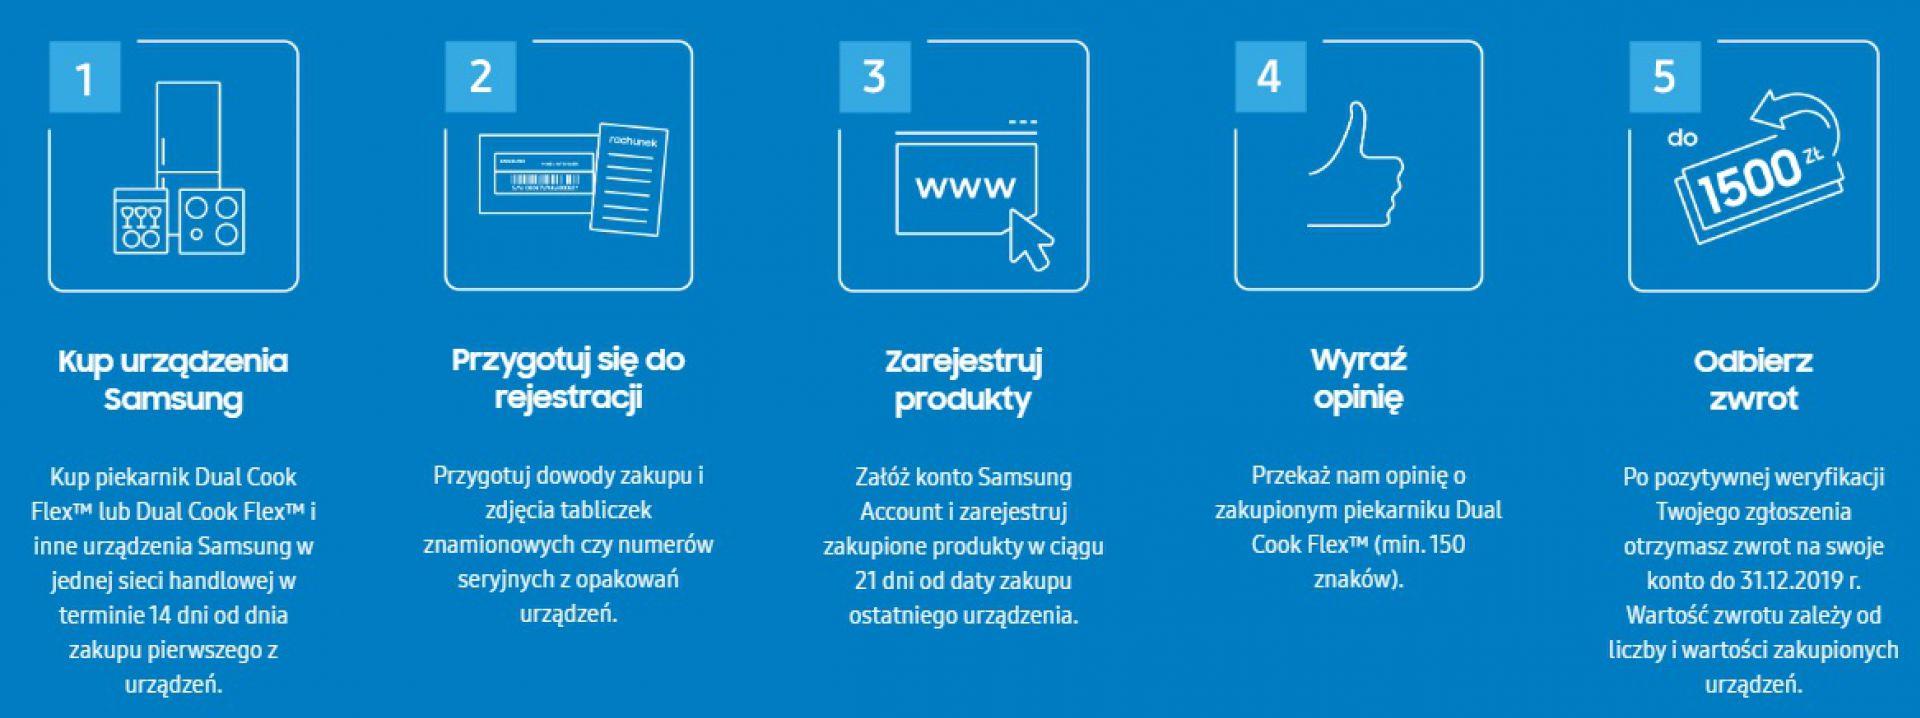 Sokowirówka Fagor LC 320 Opinie i ceny na Ceneo.pl